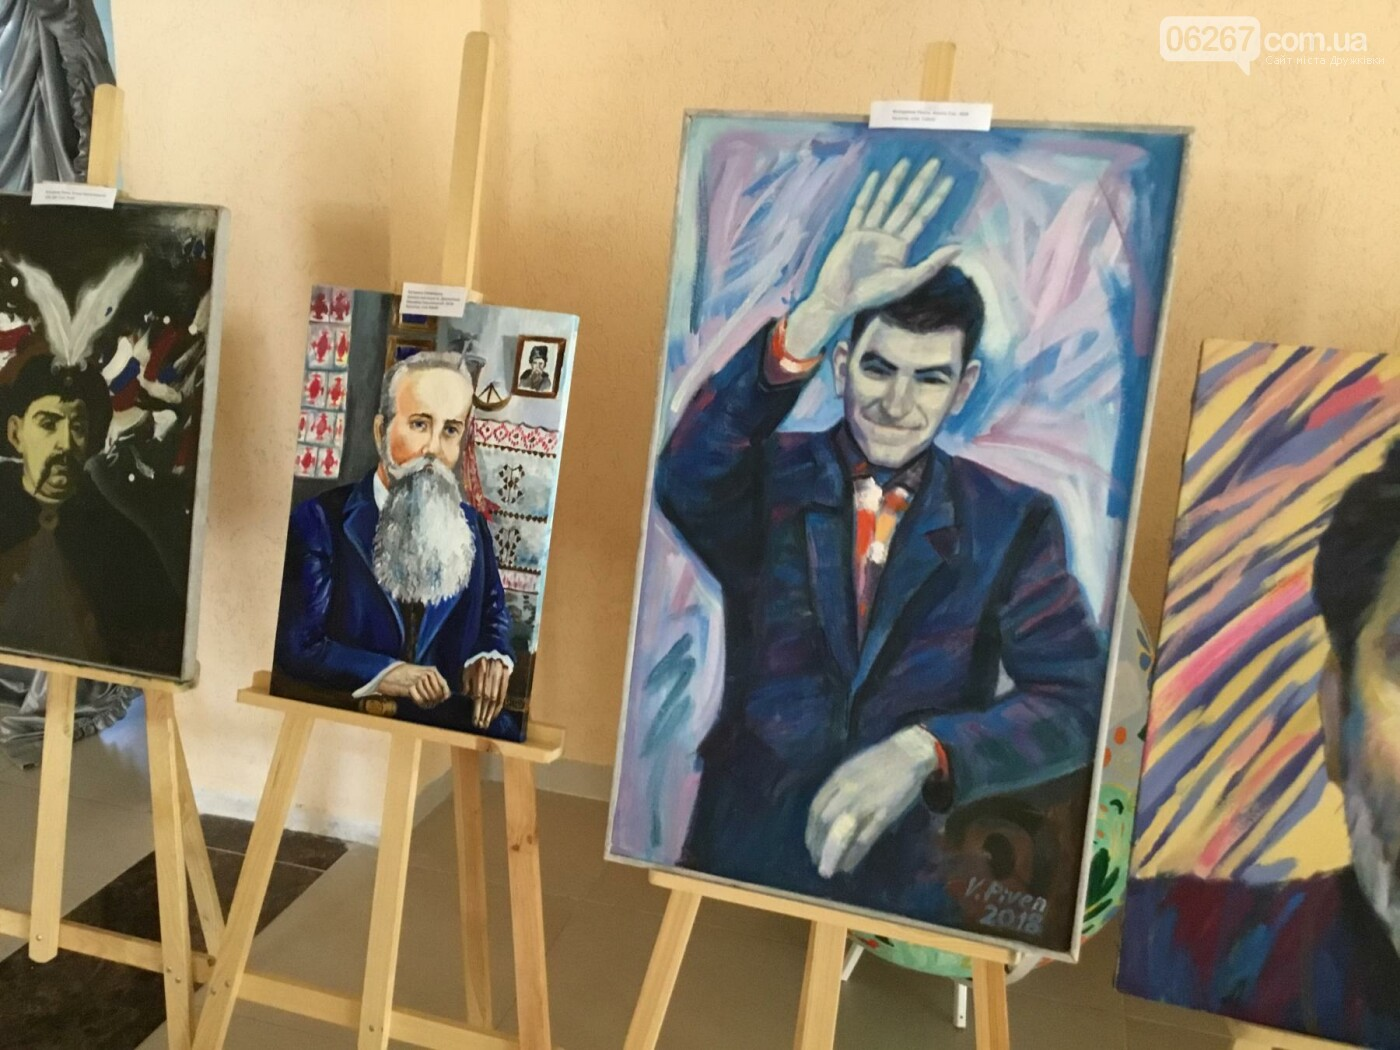 Праздник Независимости в Дружковке отметили выставкой картин и изделий народного творчества (ФОТО, ВИДЕО), фото-2